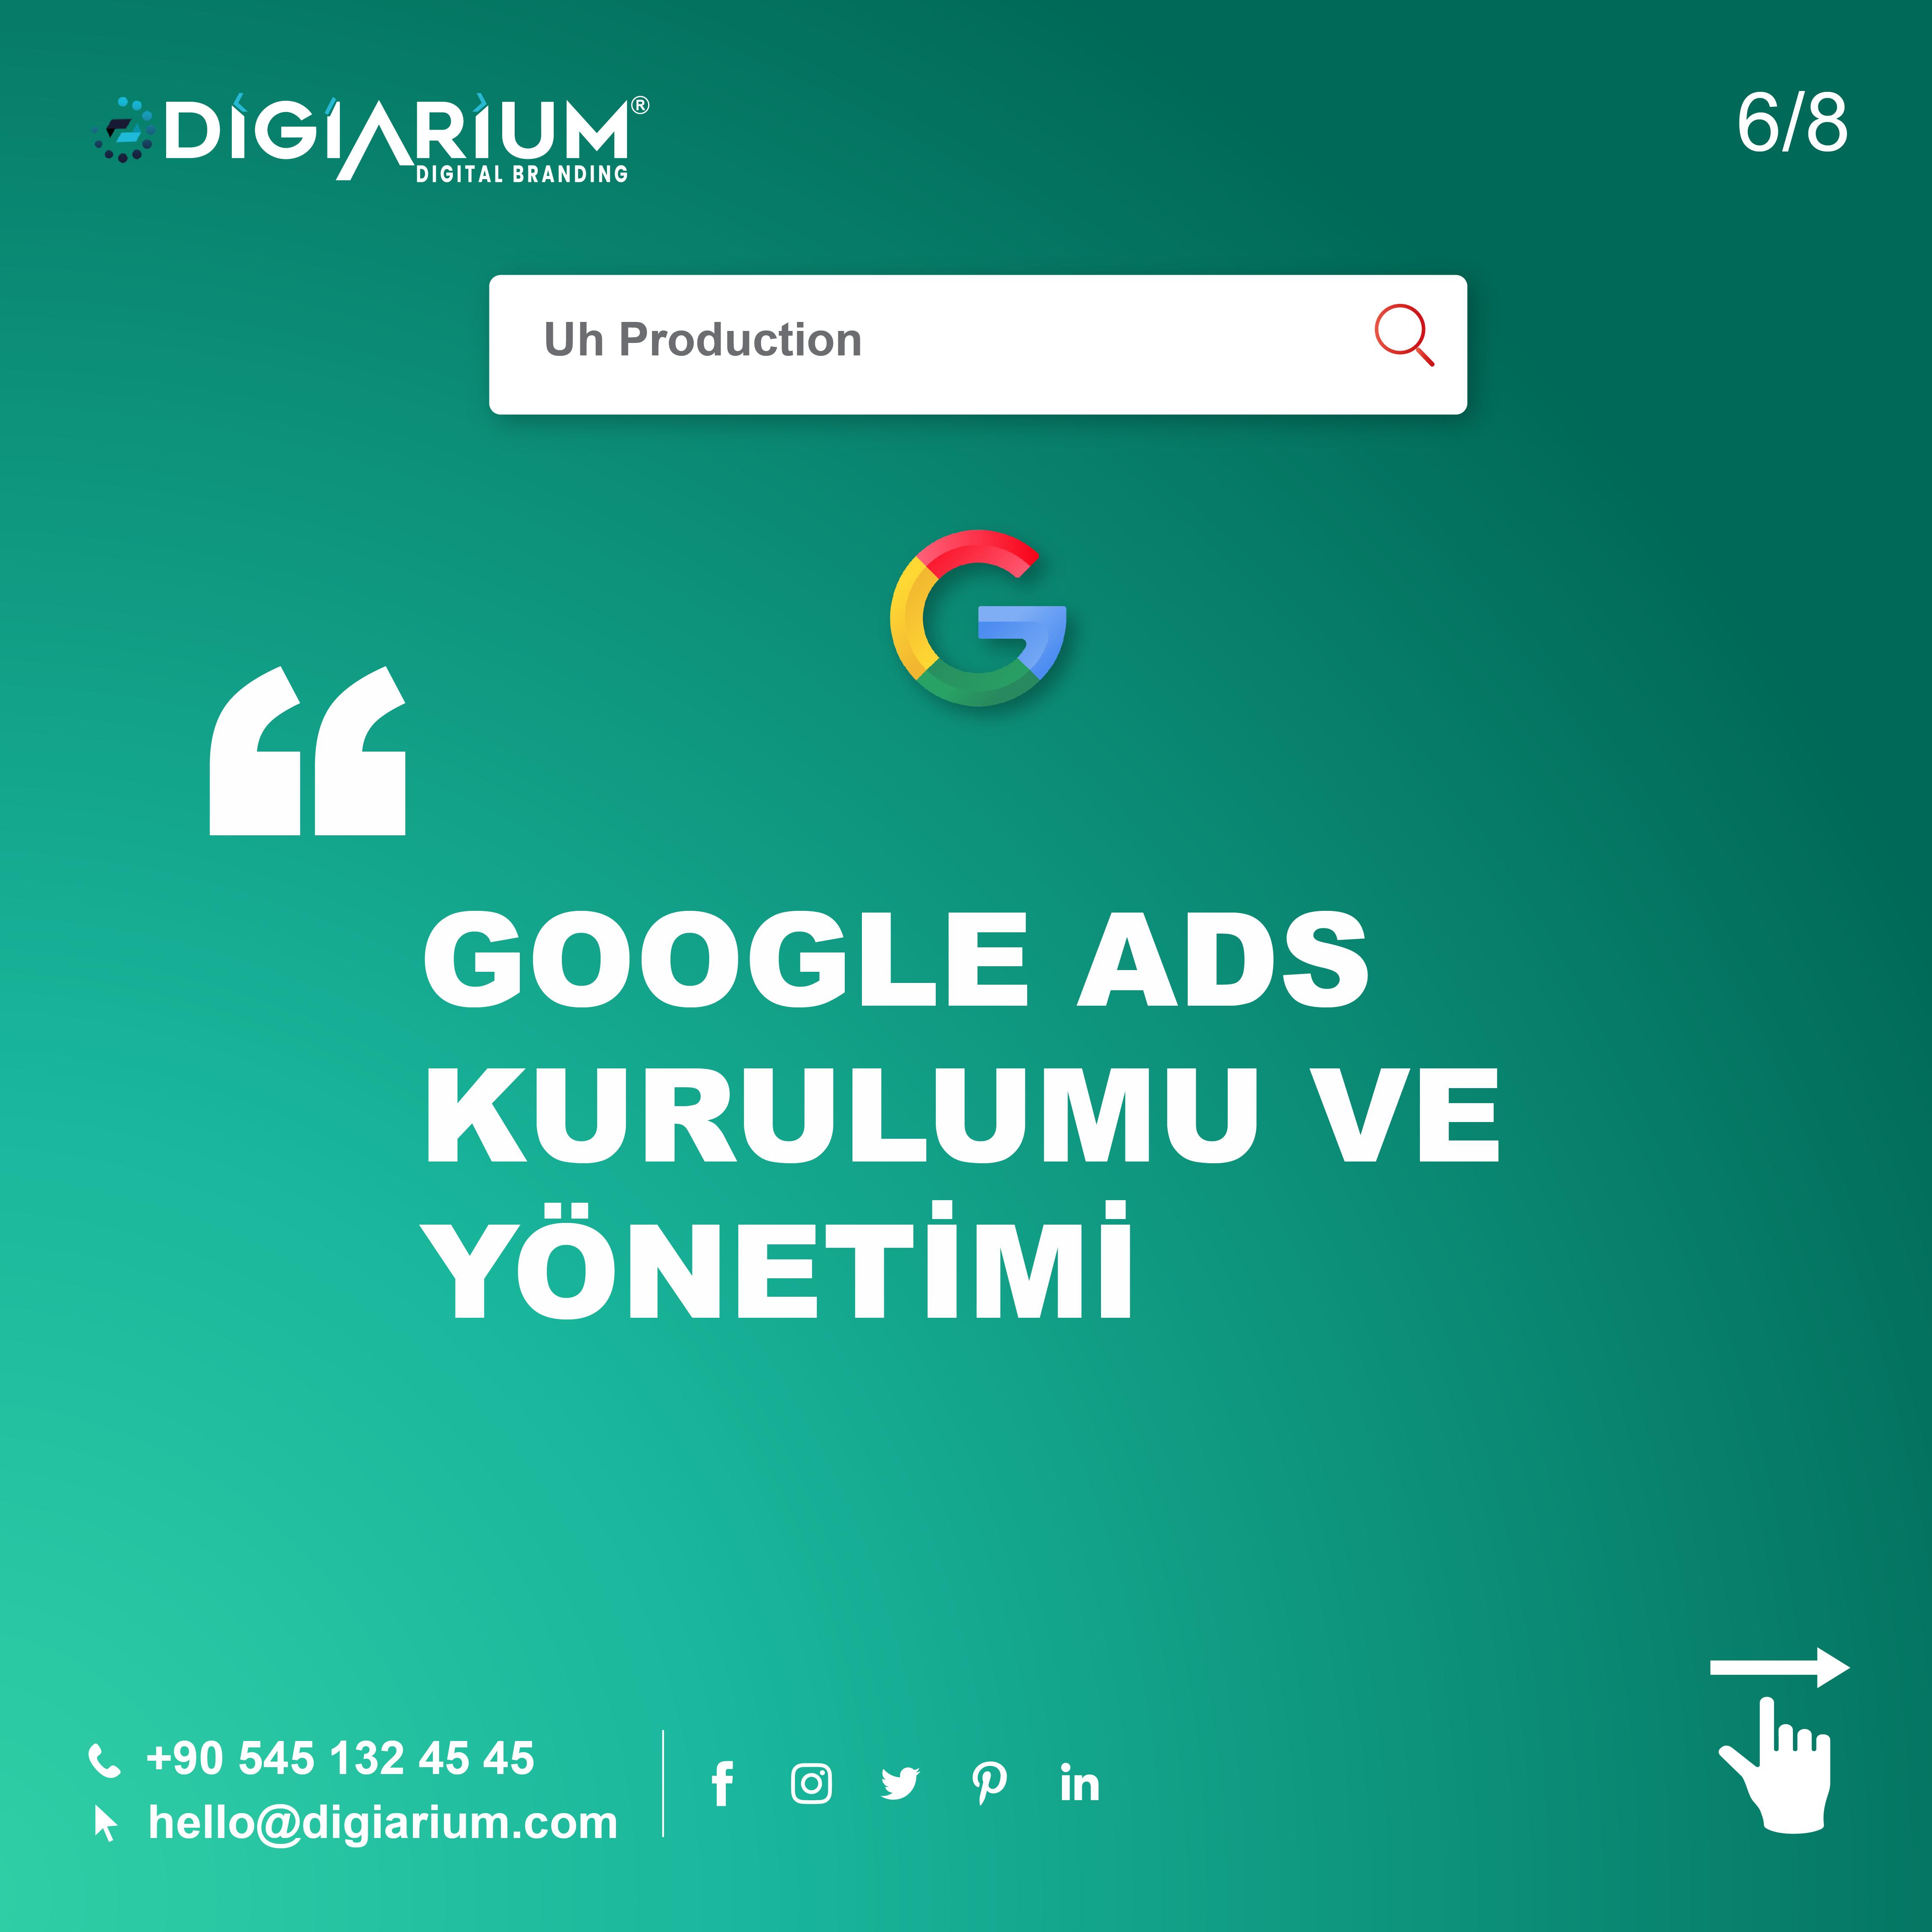 Google ads kurulumu ve yönetimi , google ads reklam yönetimi , google ads reklamları , Google ads kurulumu ve yönetimi